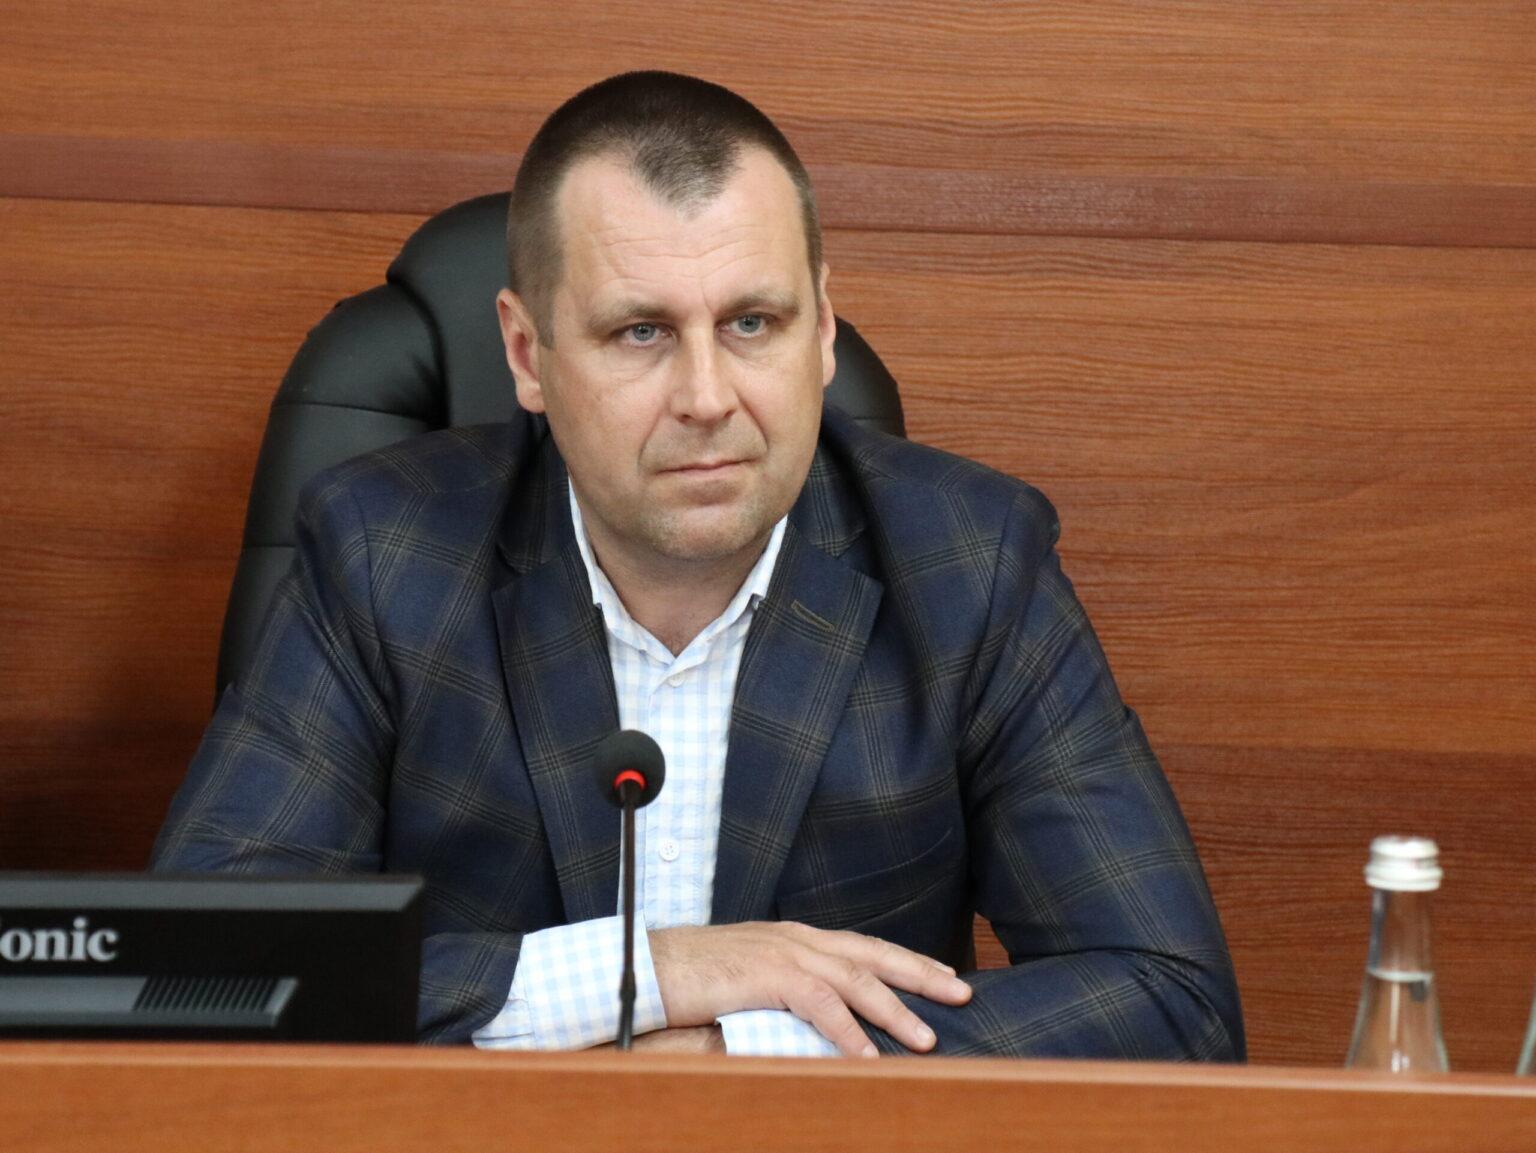 заступник начальника Головного слідчого управління Національної поліції України Євген Колесник